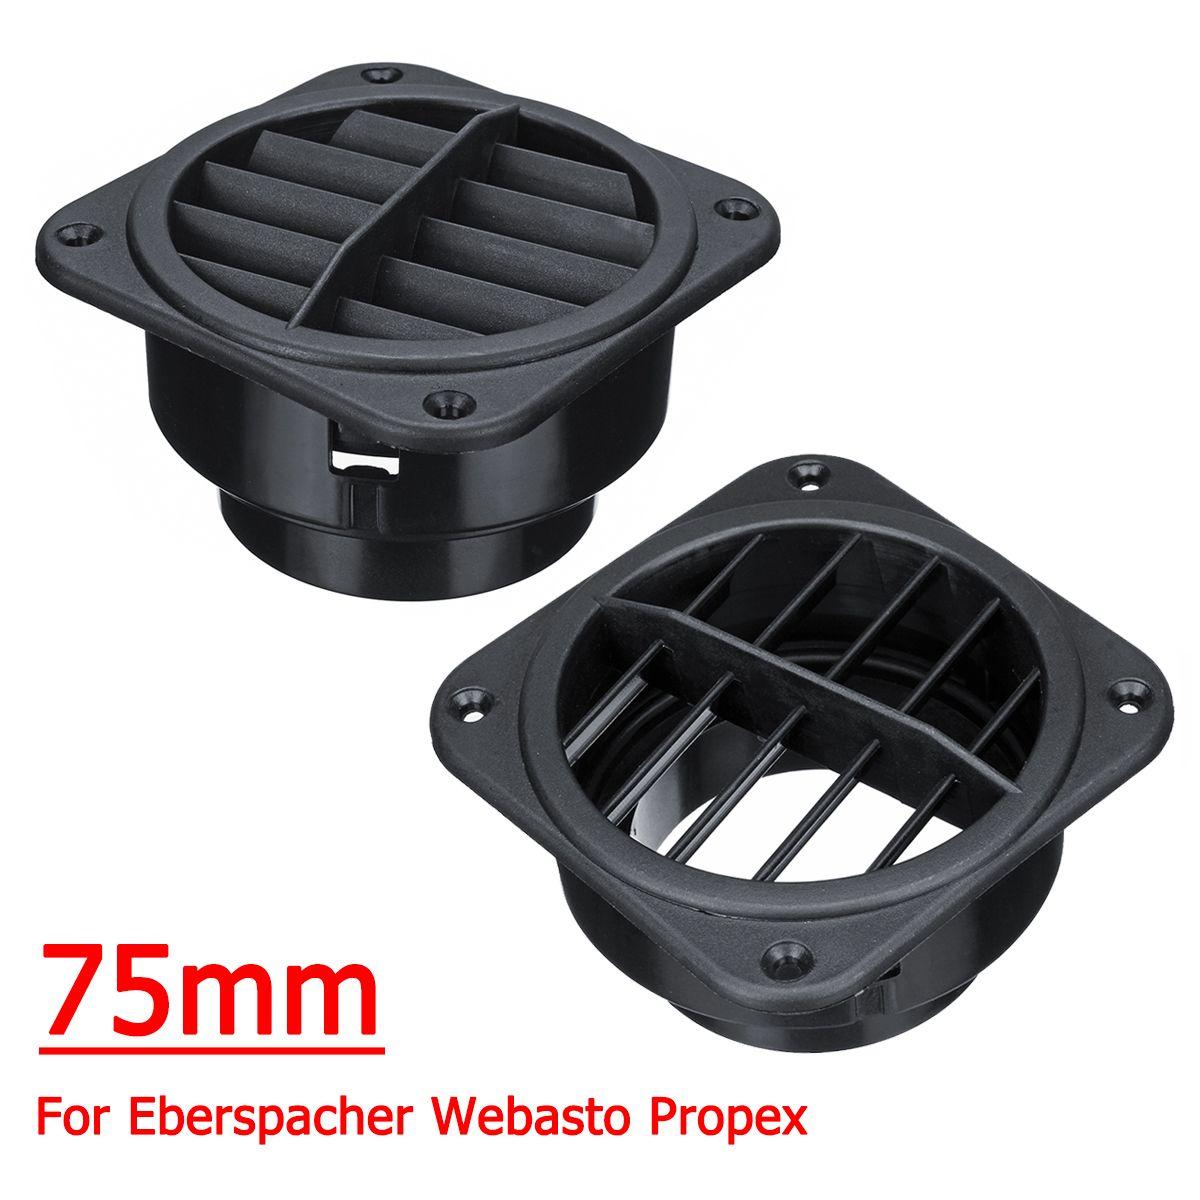 Paar 75mm Auto Warme Air Vent Outlet Heizung Führung für Webasto Propex Eberspacher